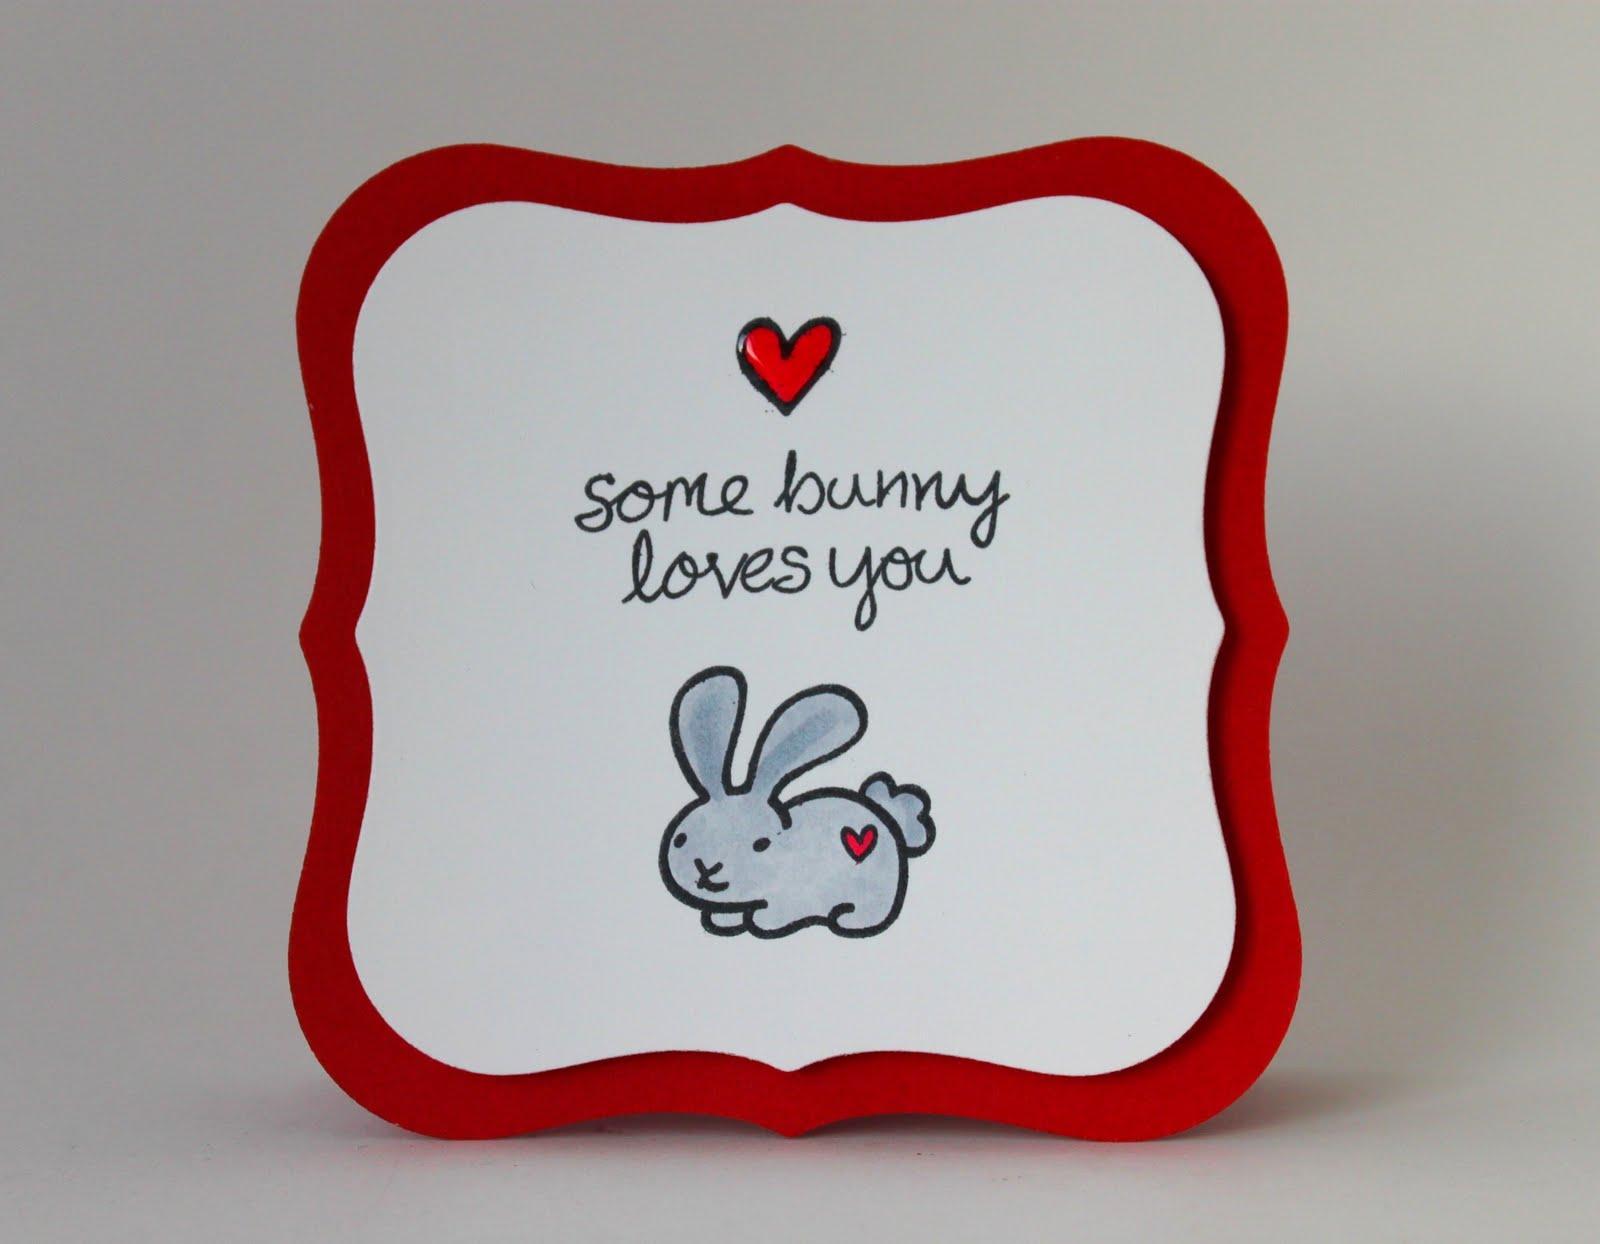 winter wonderland some bunny loves you card. Black Bedroom Furniture Sets. Home Design Ideas